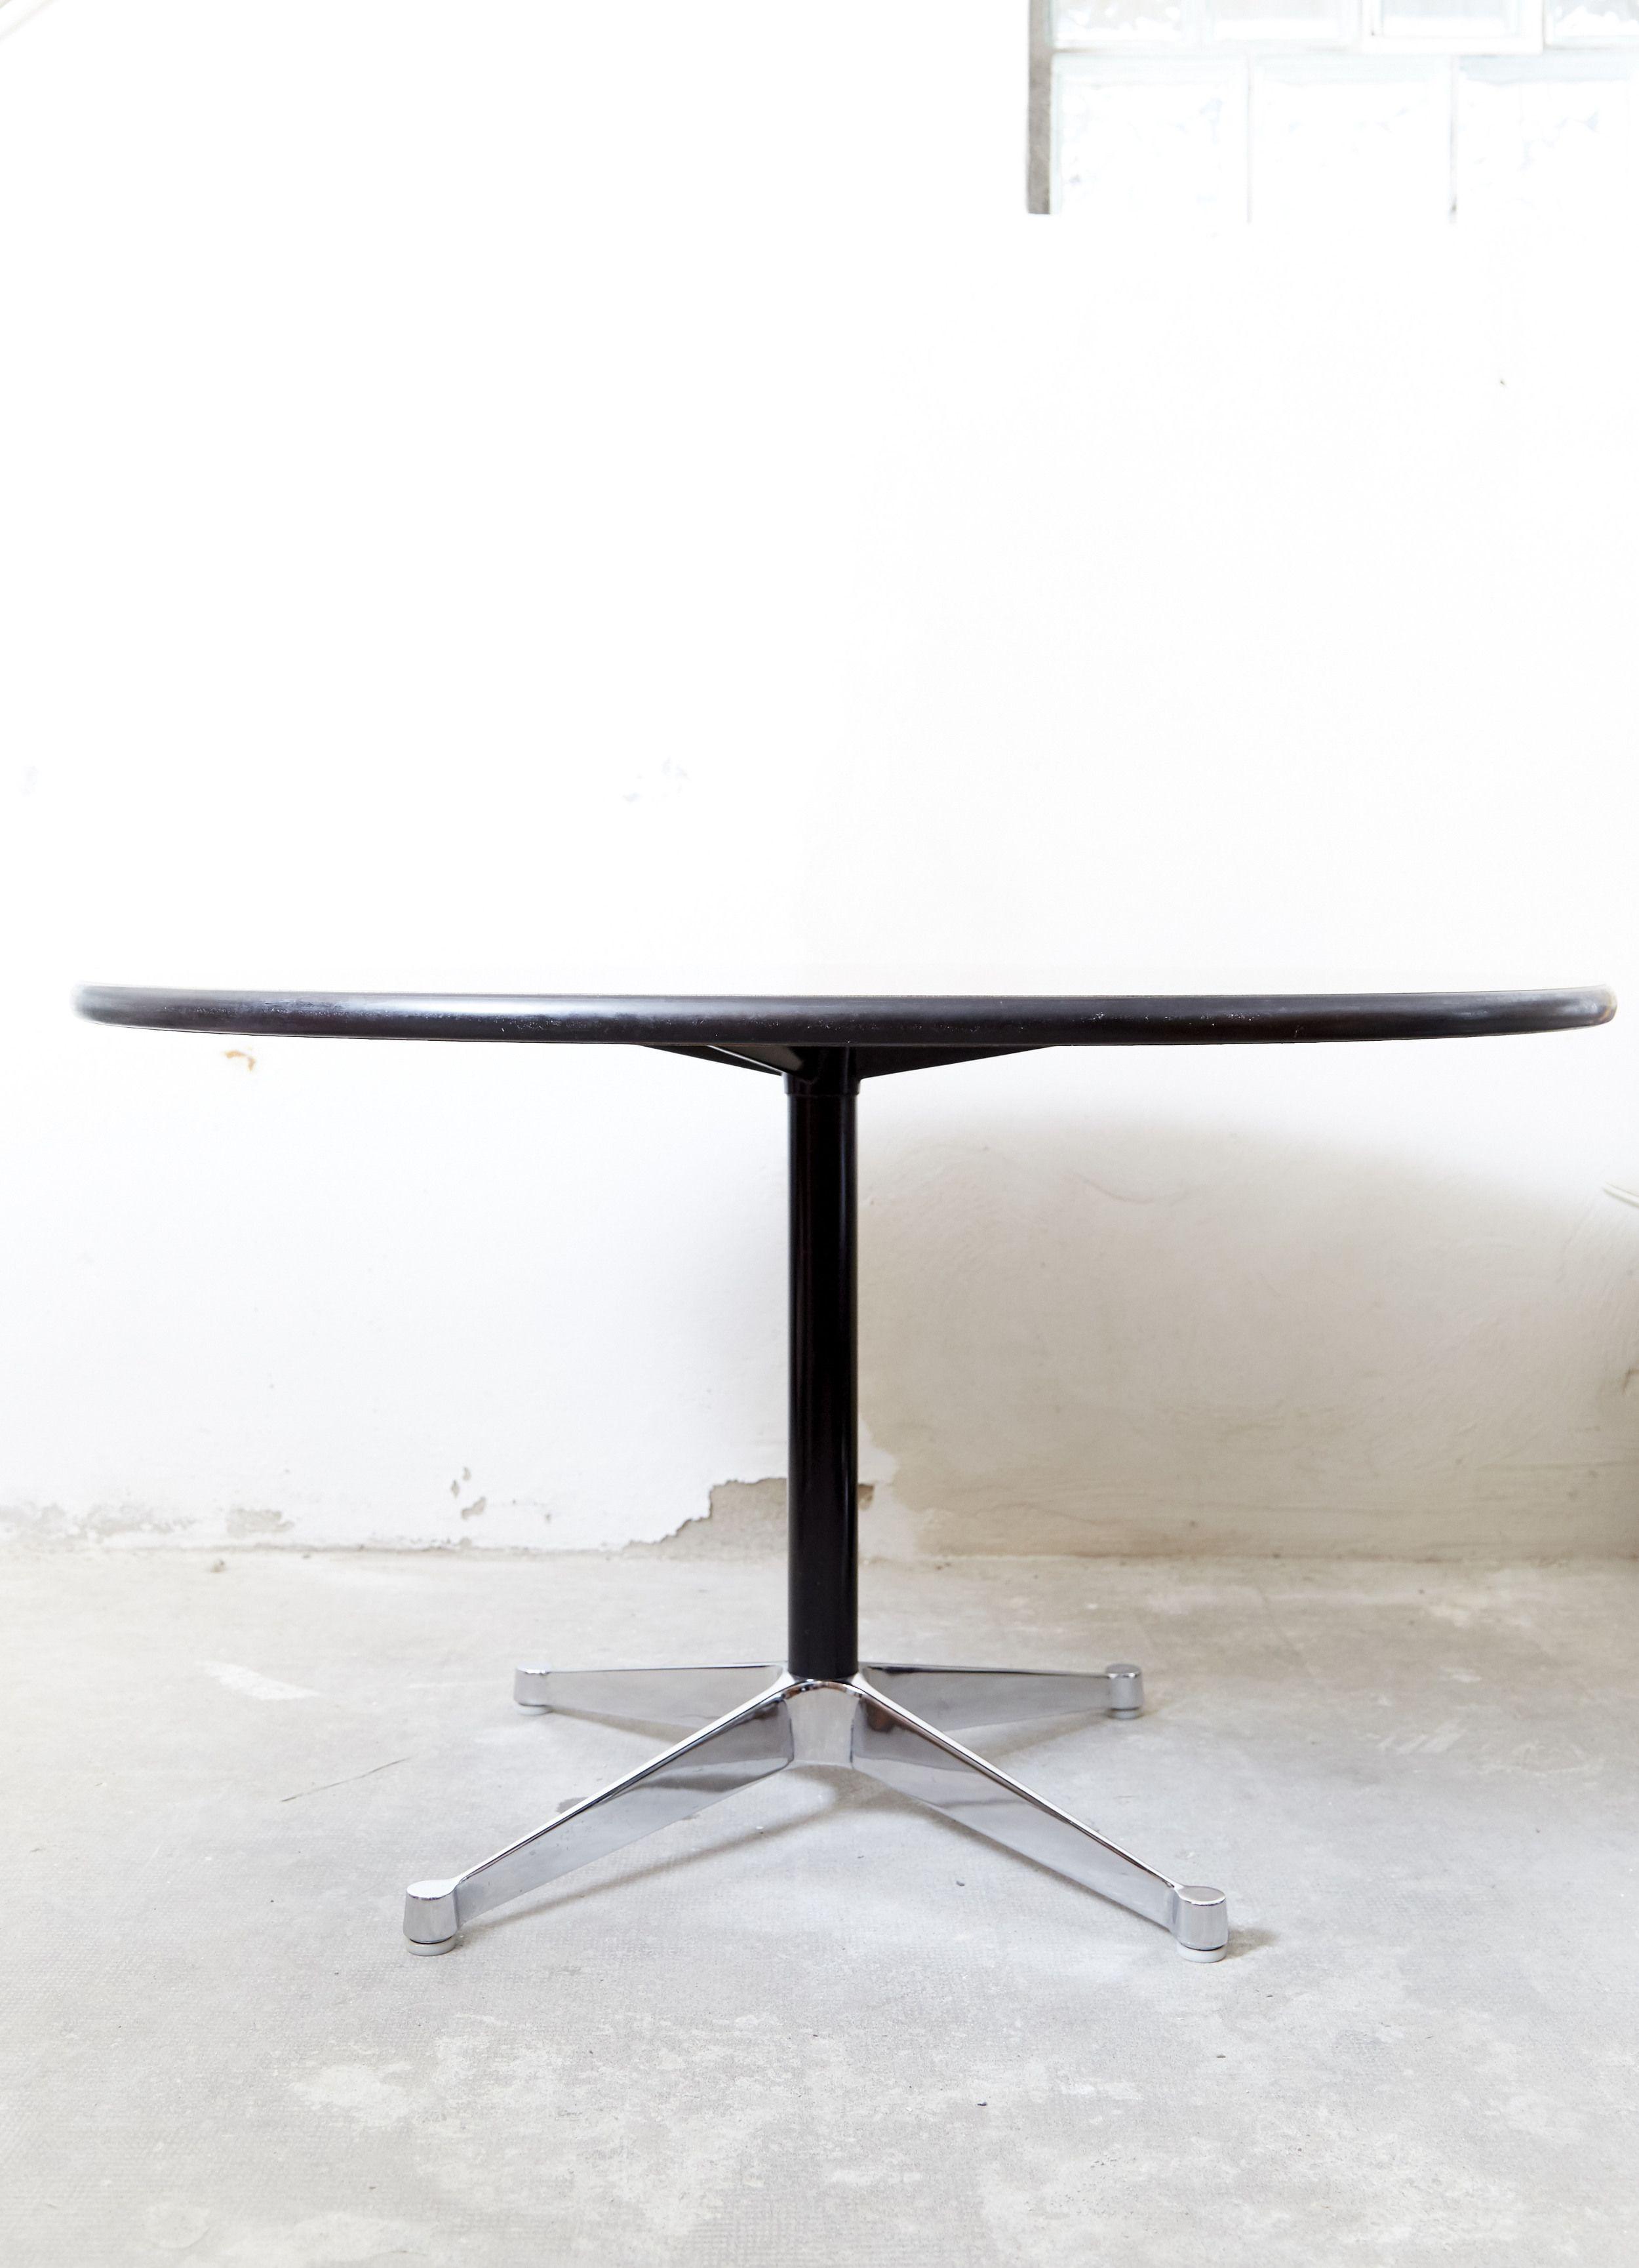 cd636fc2e22f2af5d8263b142f8beb78 Incroyable De Table Basse Ajustable Schème